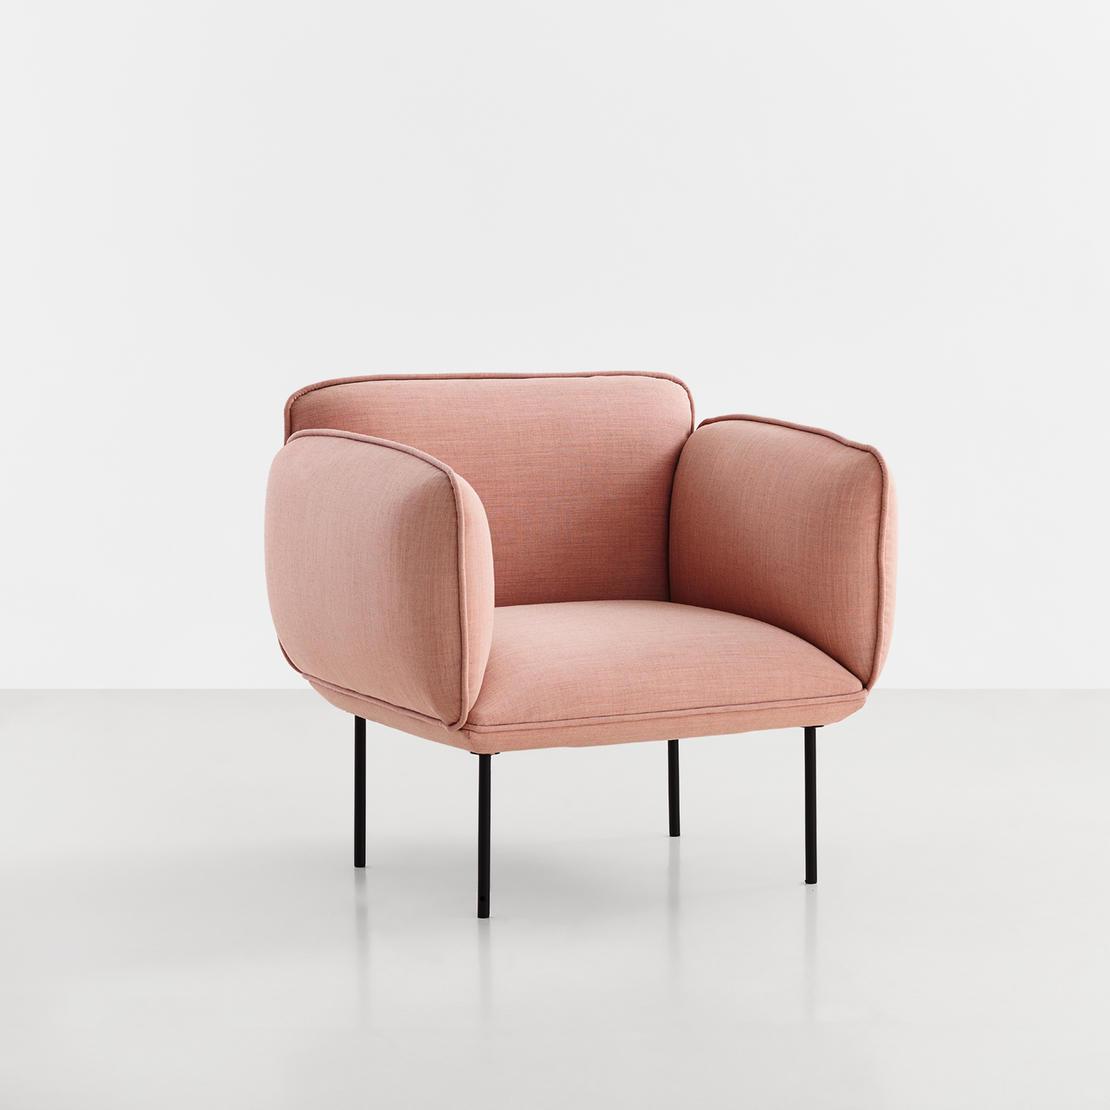 fauteuil-nakki-rose-woud-158067